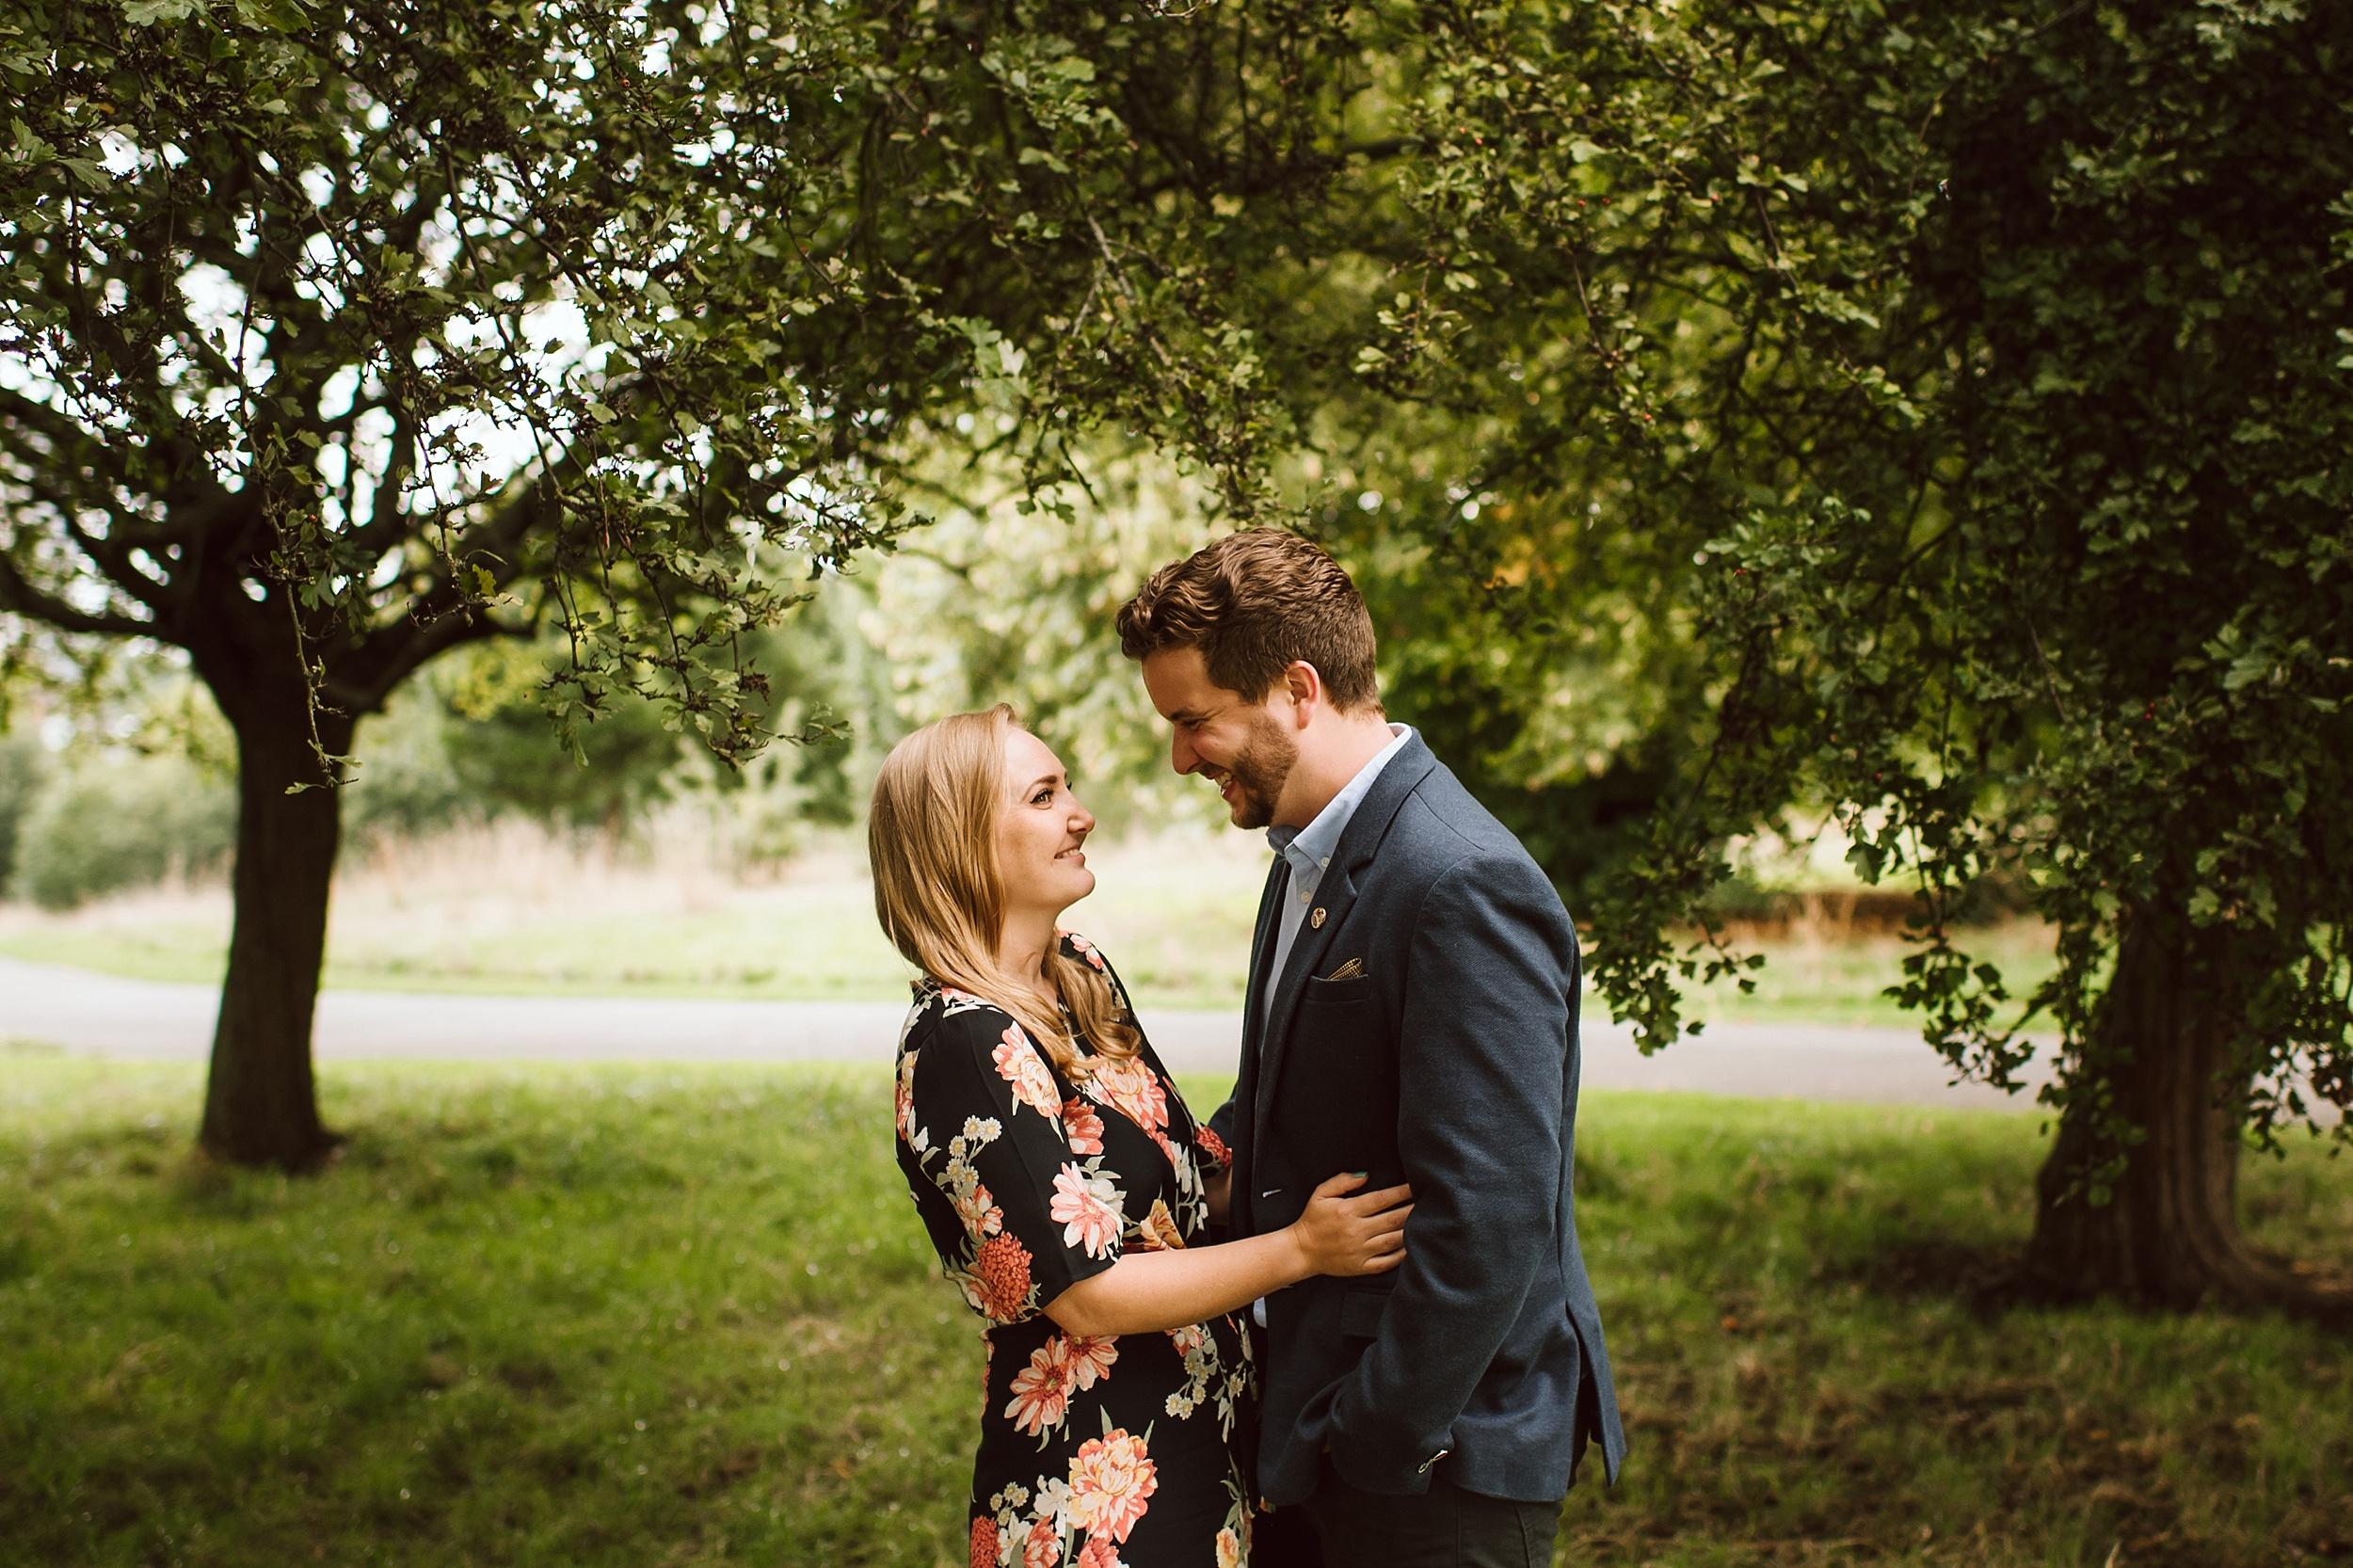 UK_London_Destination_Wedding_Photographer_UK_0007.jpg